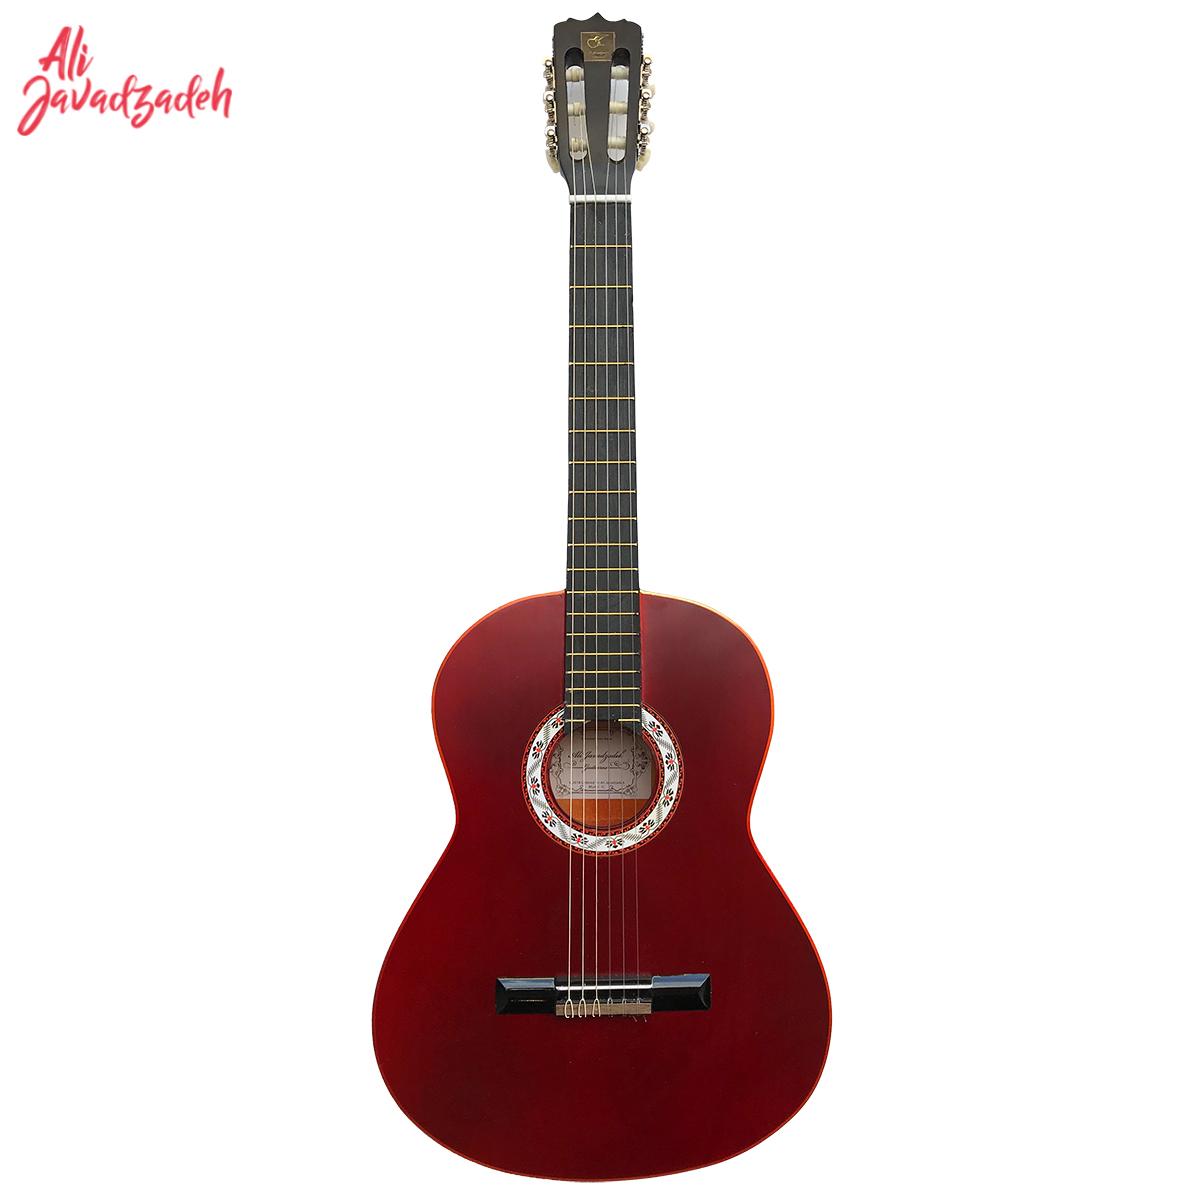 گیتار کلاسیک علی جوادزاده مدل 1C-16